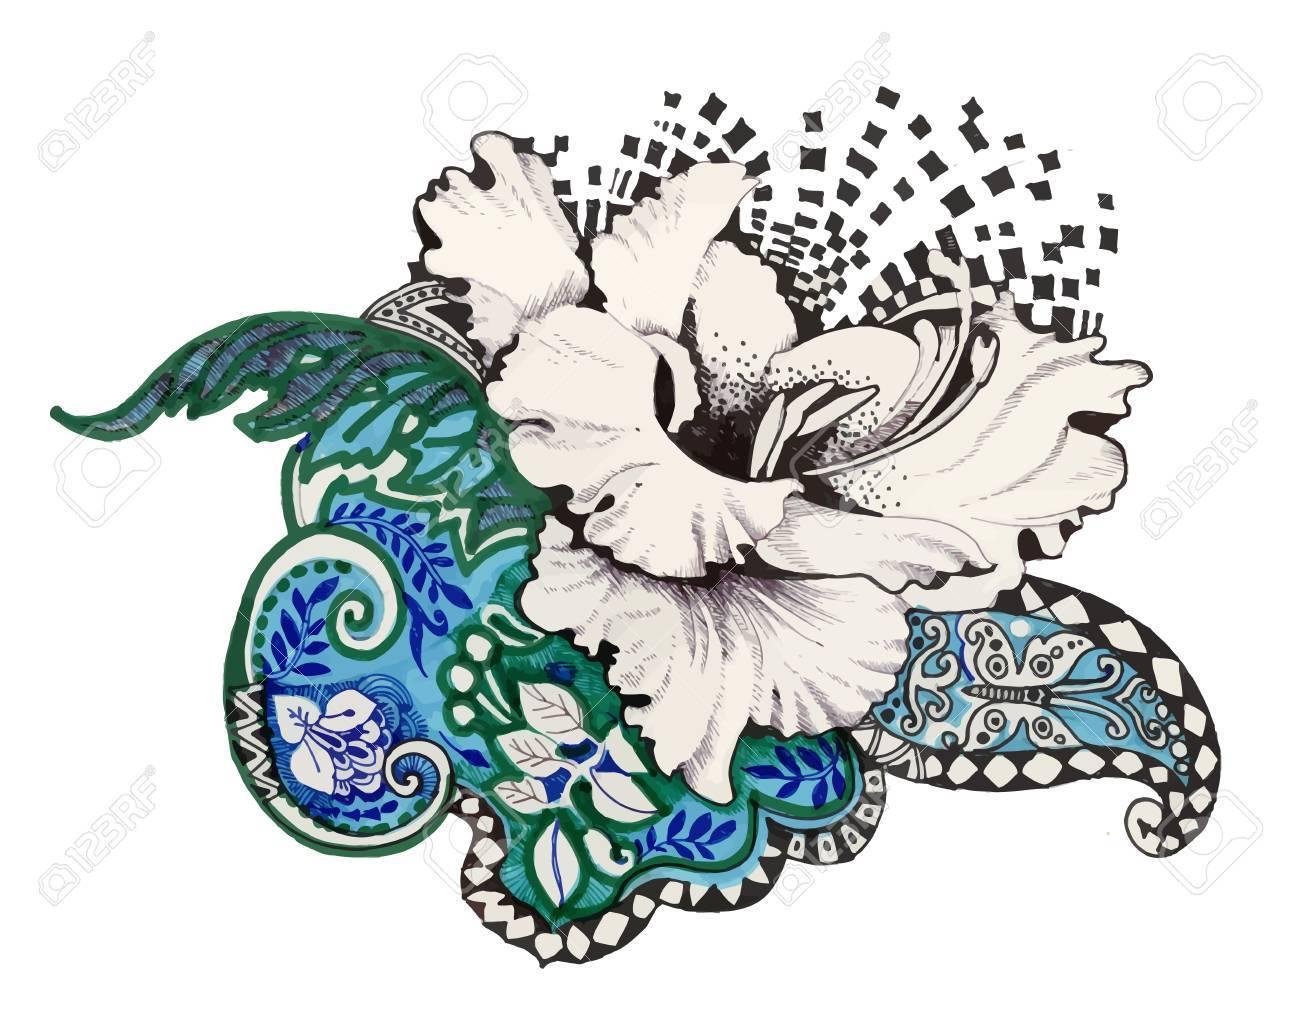 抽象的なサインペンの花イラストのイラスト素材ベクタ Image 61635208